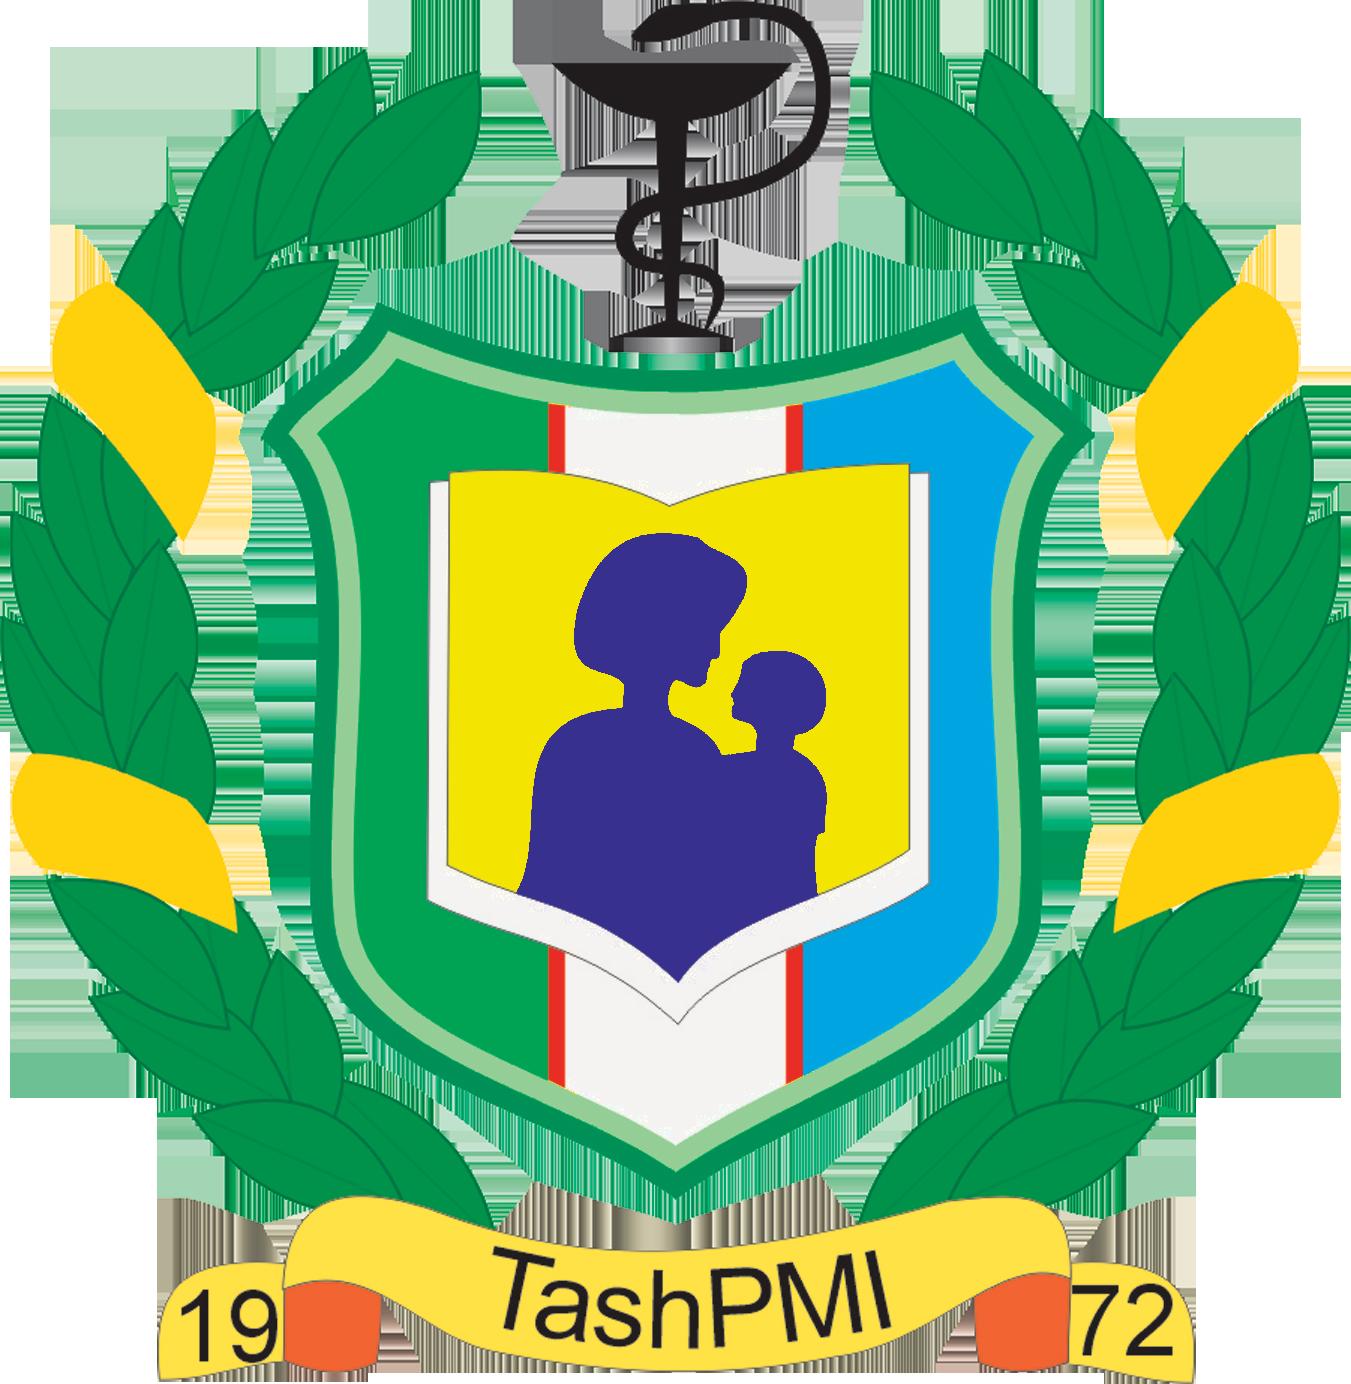 Ташкентский Педиатрический Медицинский Институт - Официальный сайт